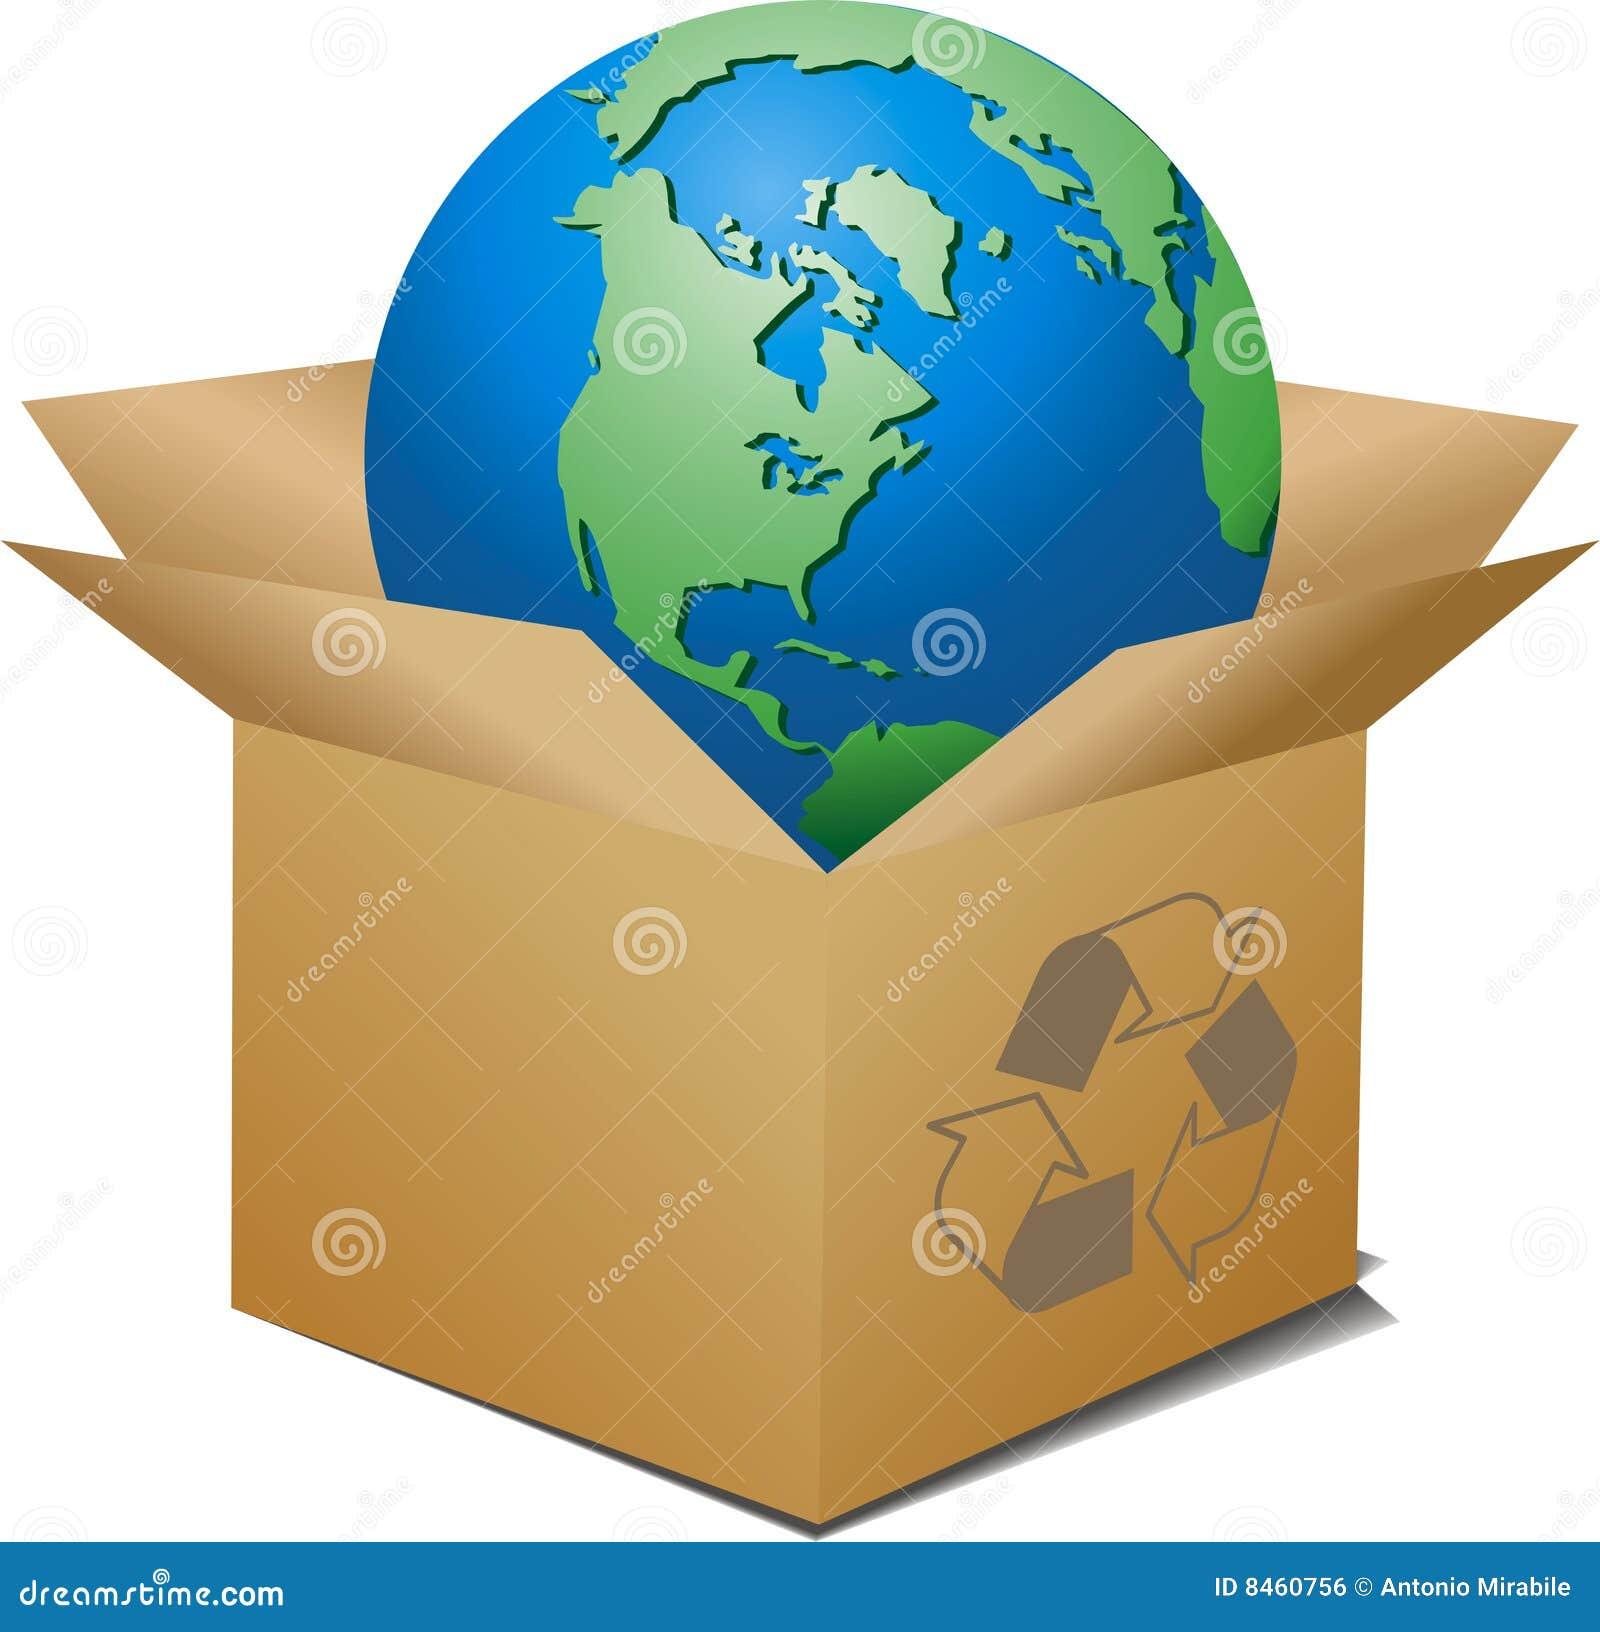 Ecologic ask